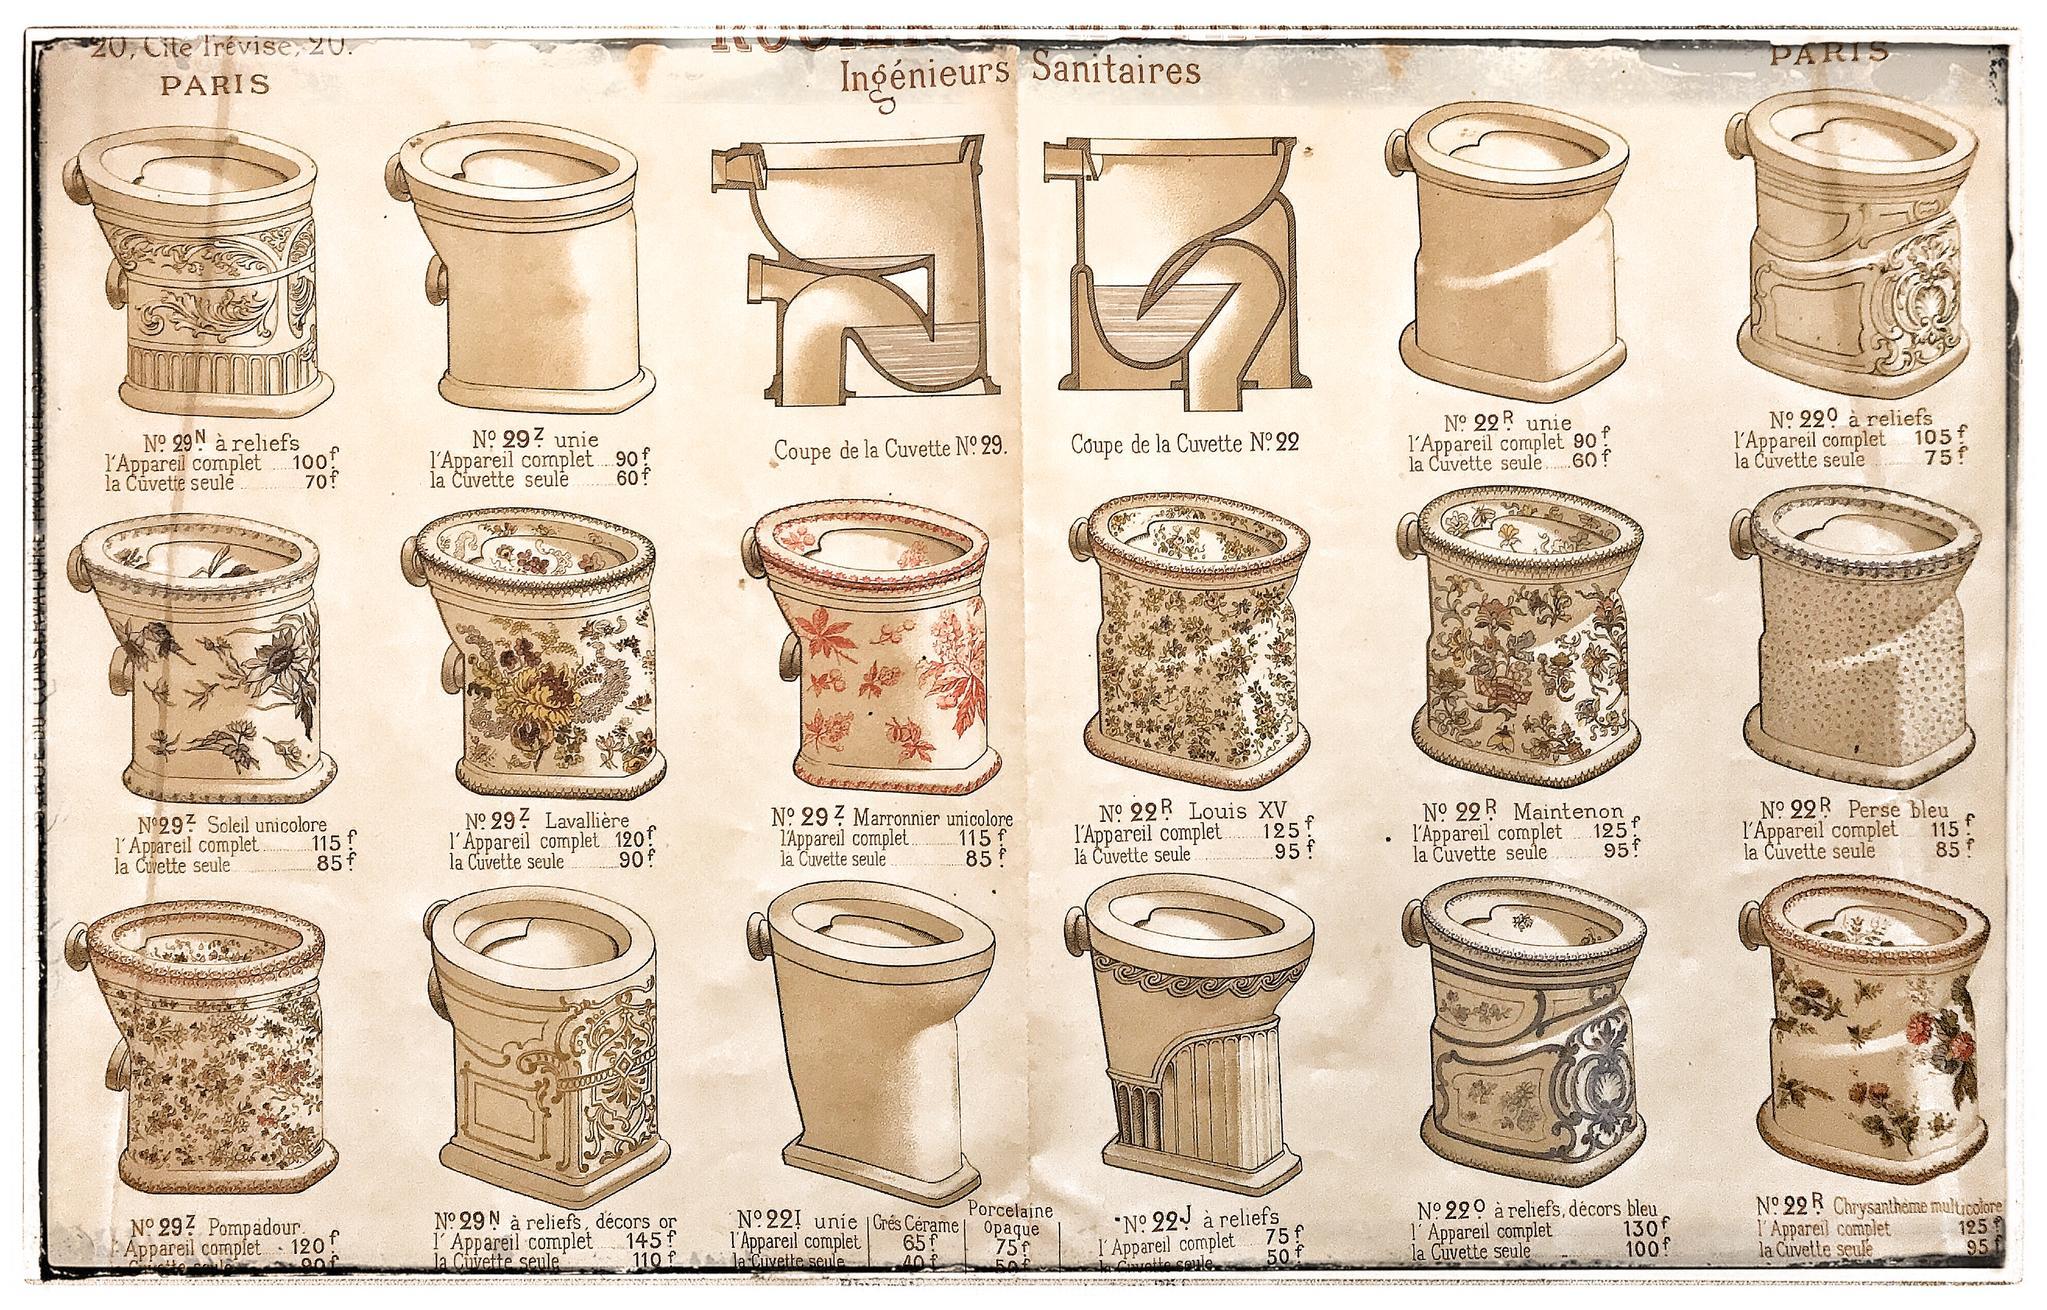 Gedecoreerde toiletten rond 1900 Parijs